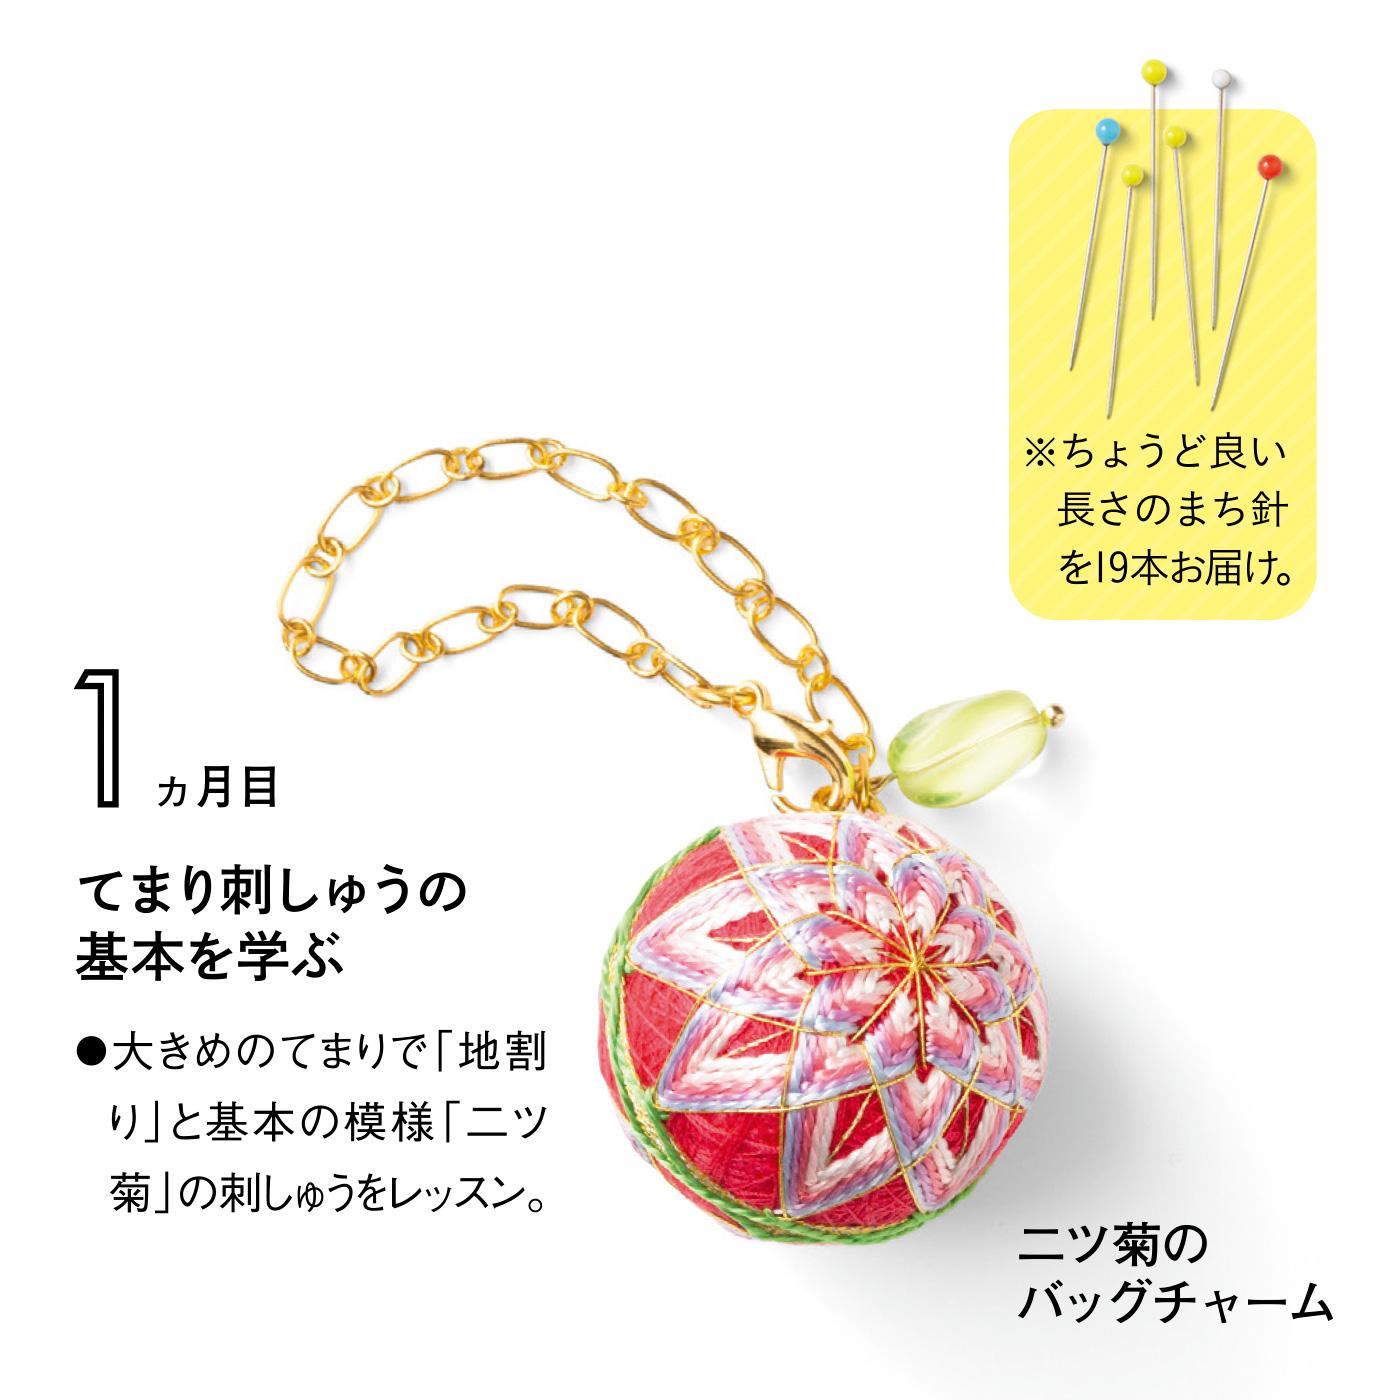 二ツ菊のバッグチャーム